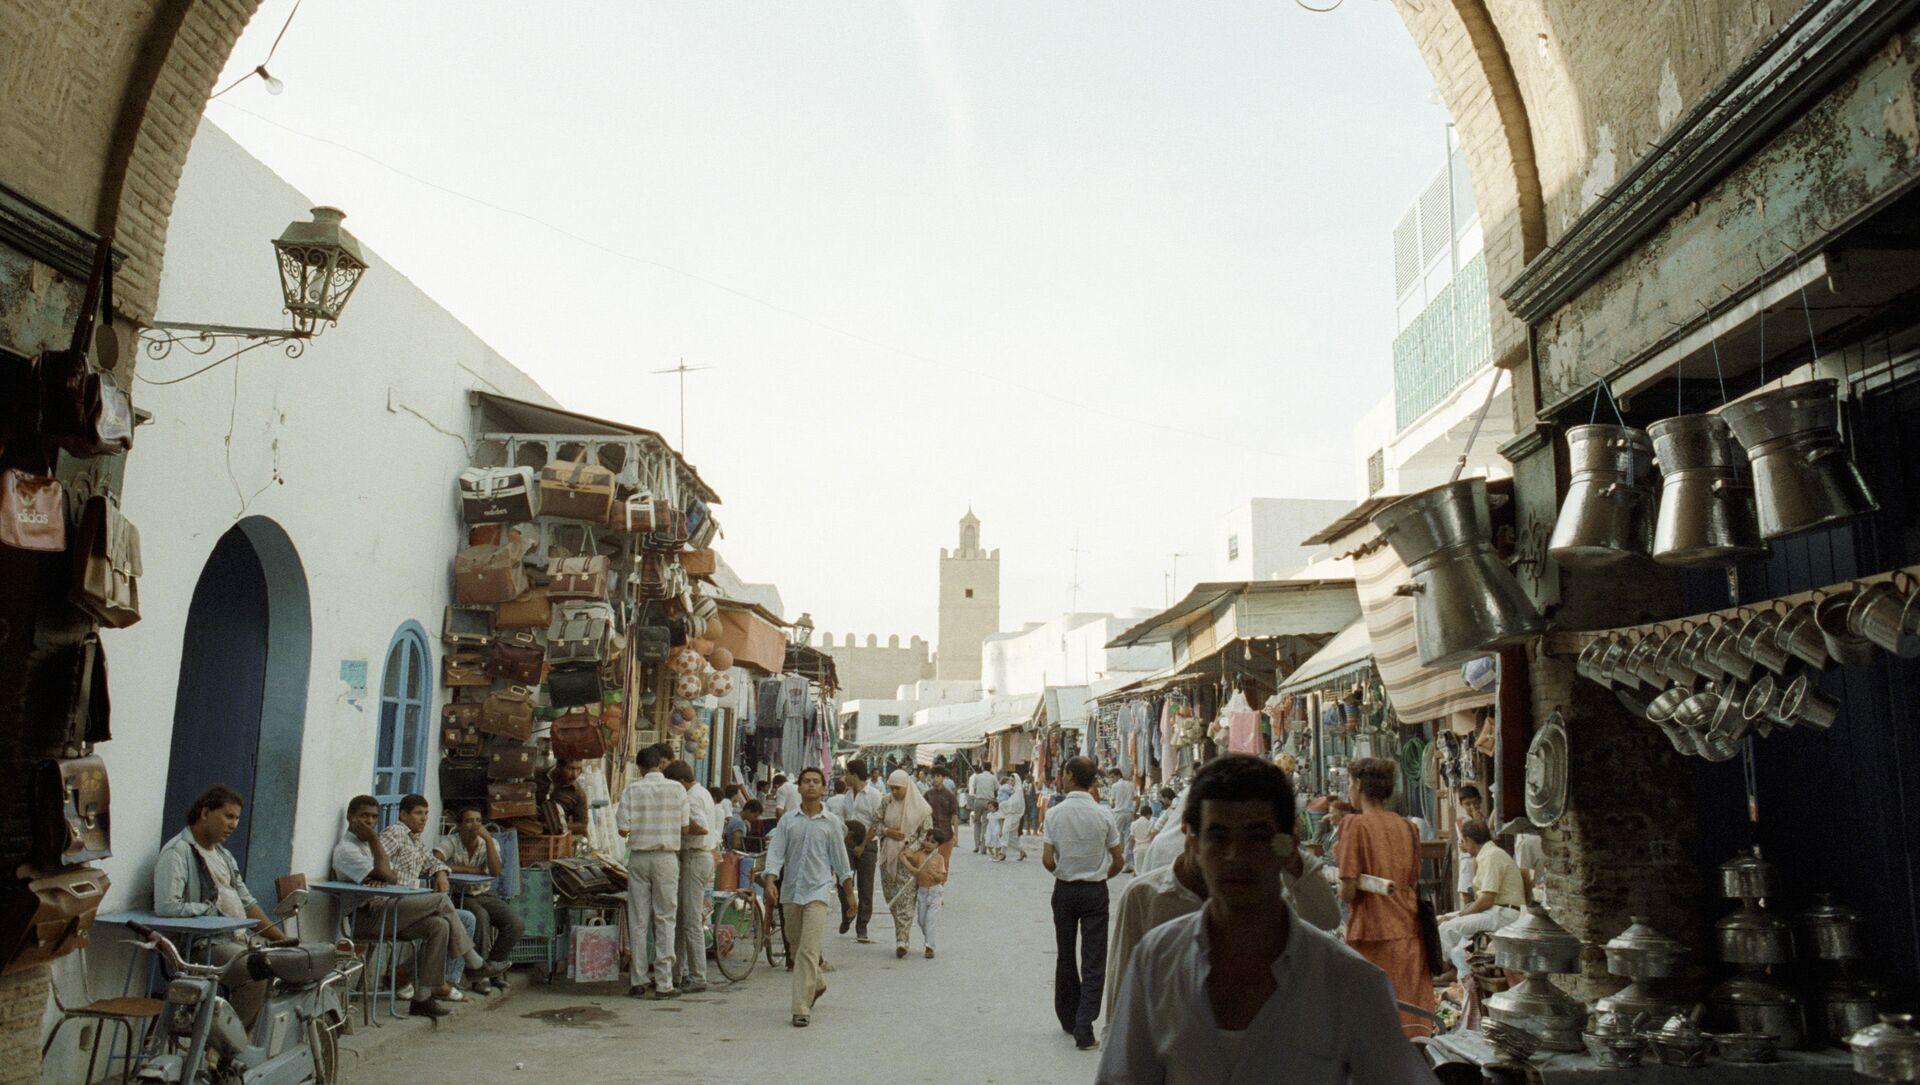 La cité de Kairouan (Tunisie), connue pour son caractère historique et religieux - Sputnik France, 1920, 12.08.2021